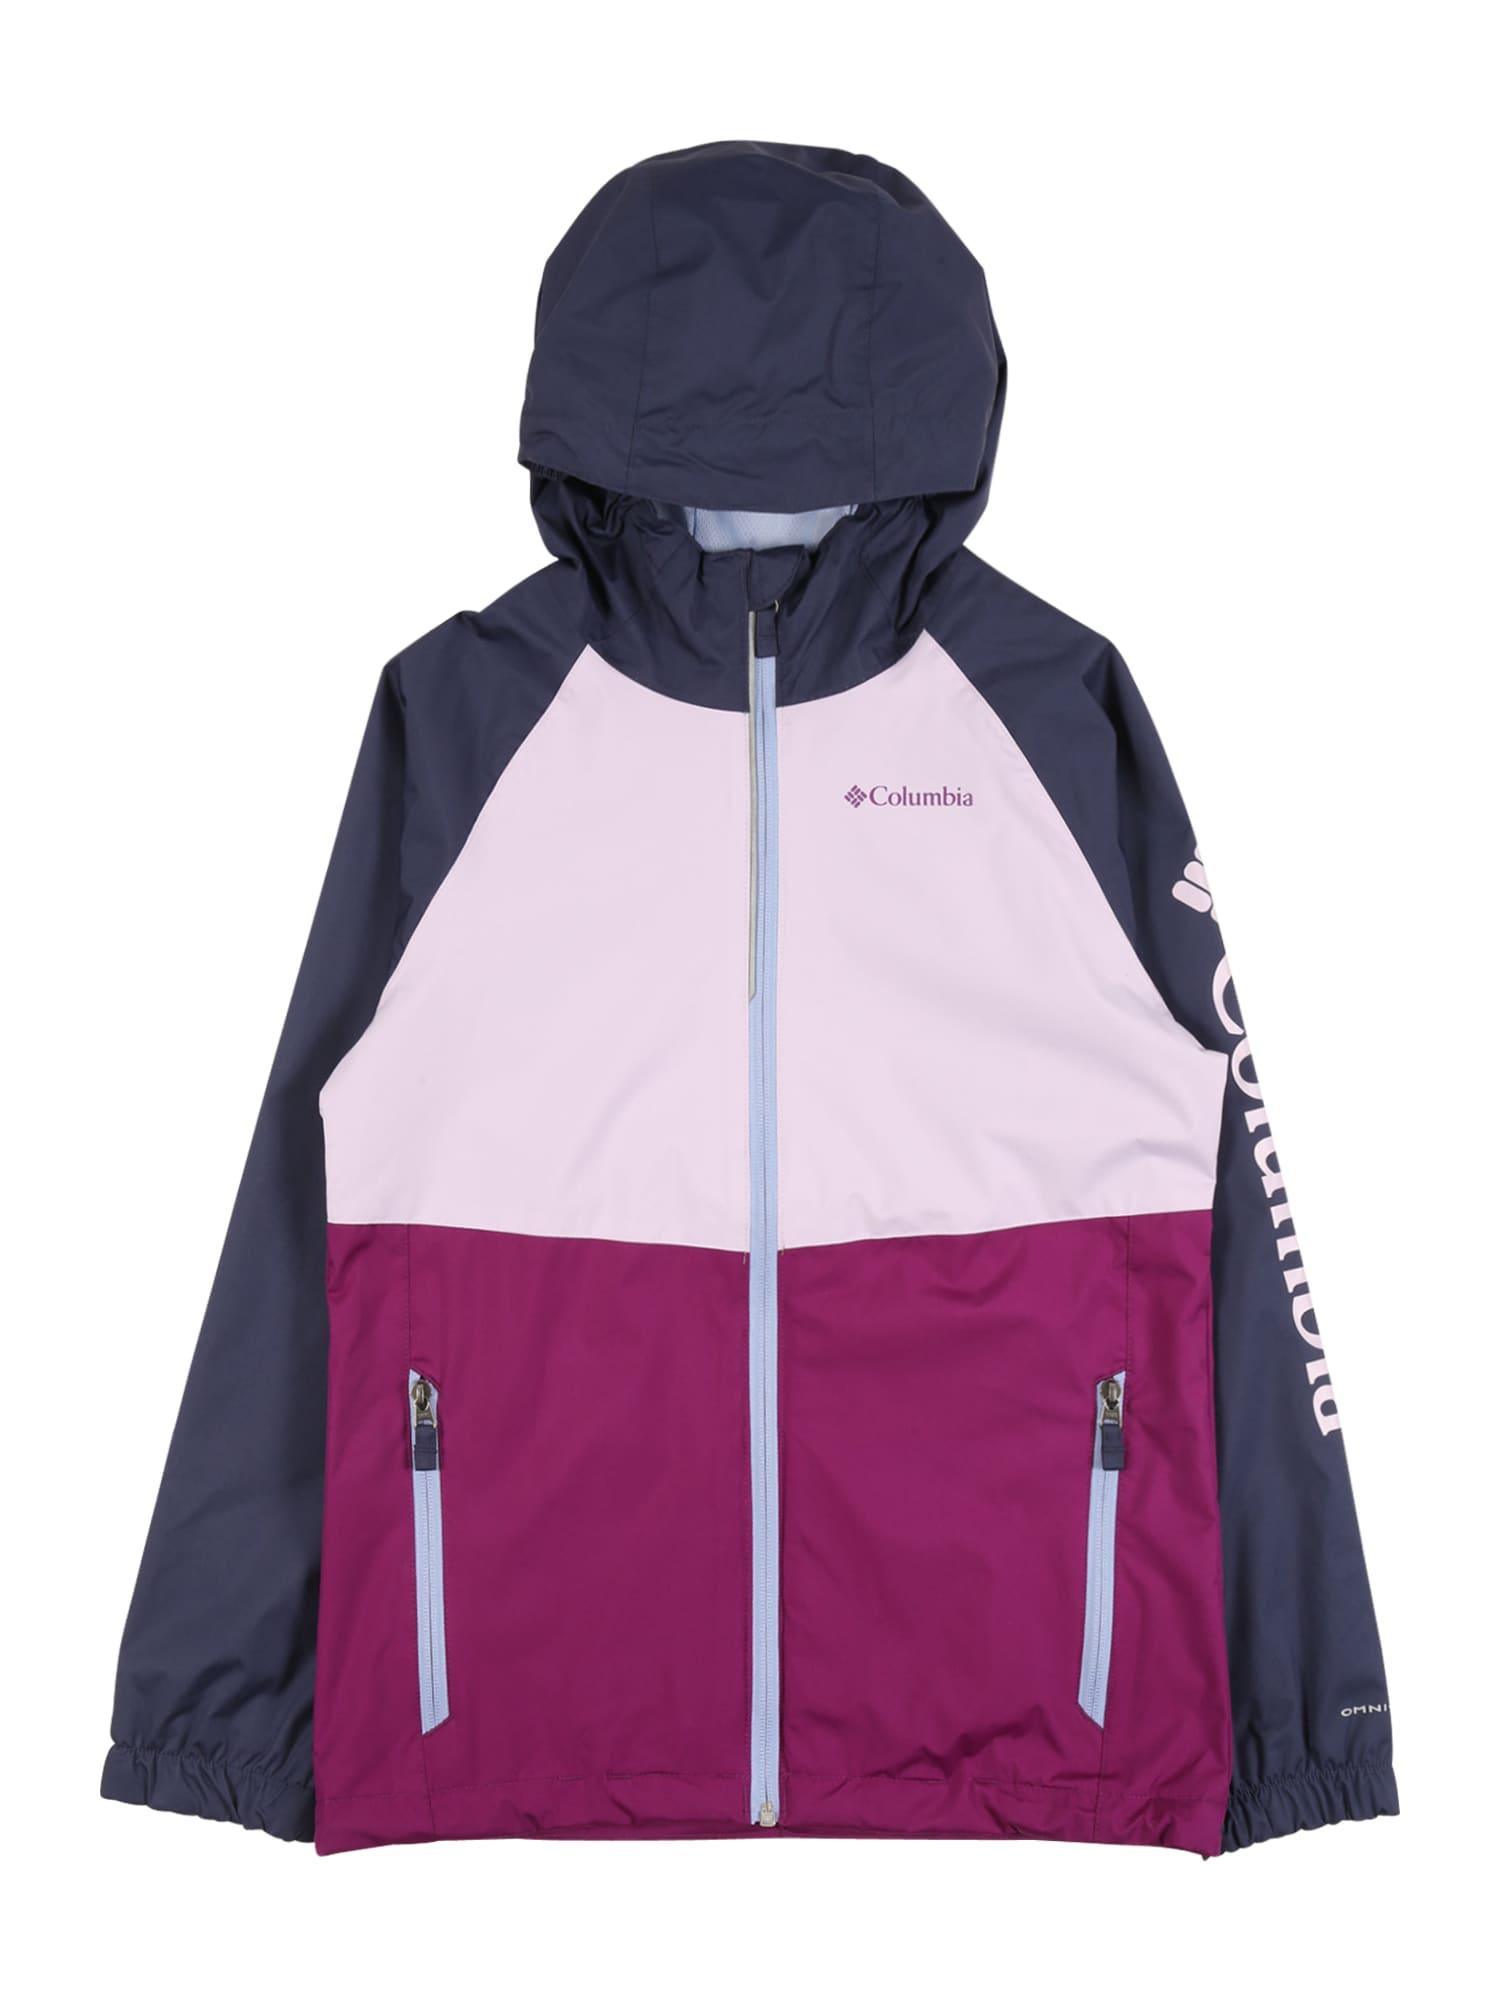 COLUMBIA Laisvalaikio striukė 'Dalby Springs' mišrios spalvos / eozino spalva / tamsiai mėlyna / pastelinė rožinė / balta